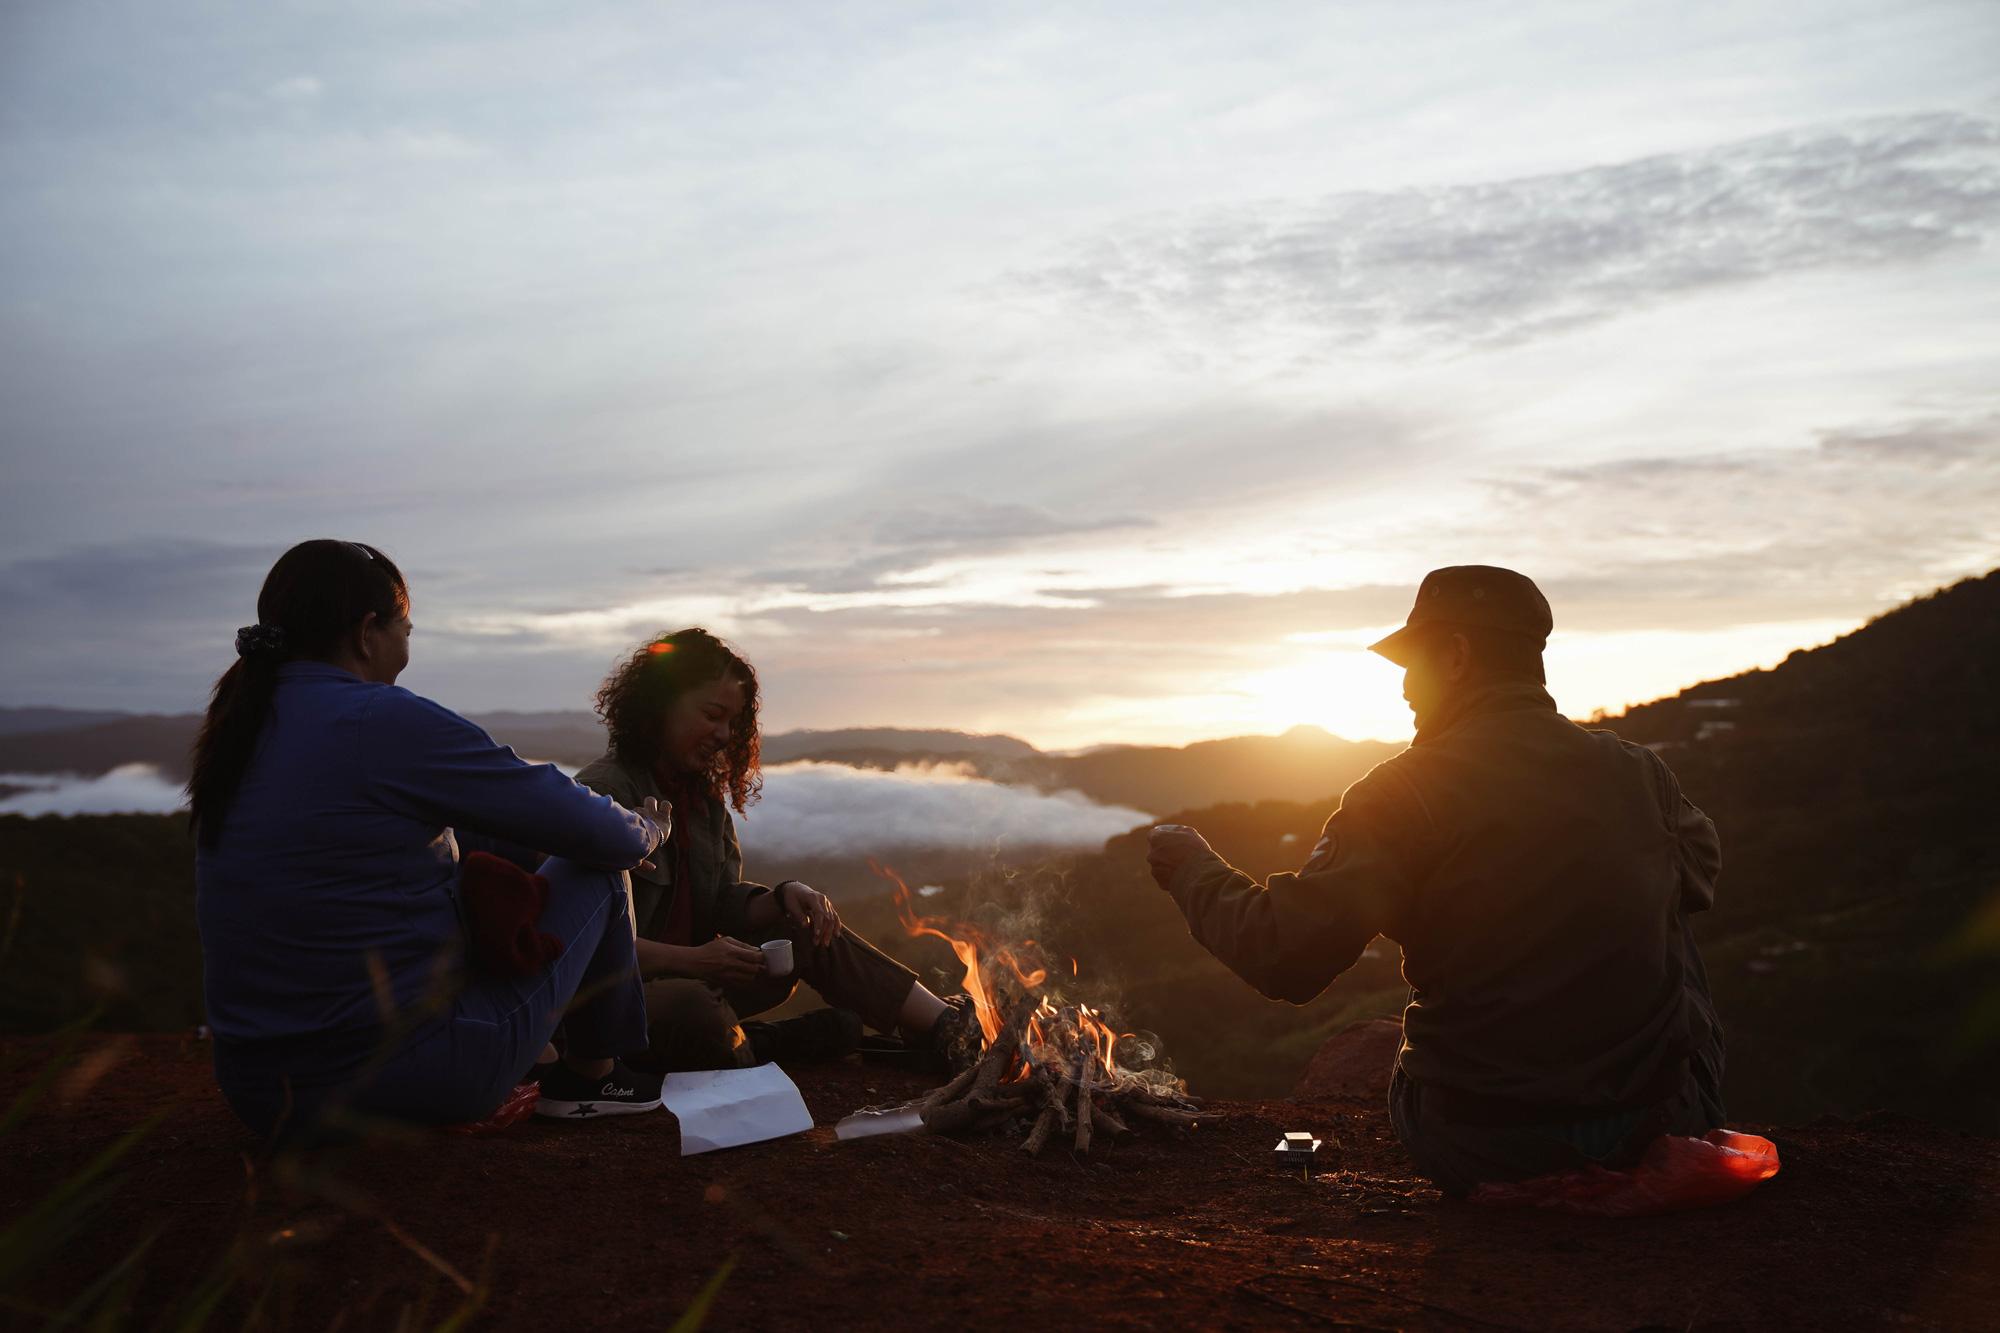 Những vùng đất cà phê Việt Nam hiện lên tuyệt đẹp qua góc nhìn của travel blogger Nhị Đặng: Nước mình còn nhiều nơi phải đi đến thế! - Ảnh 1.